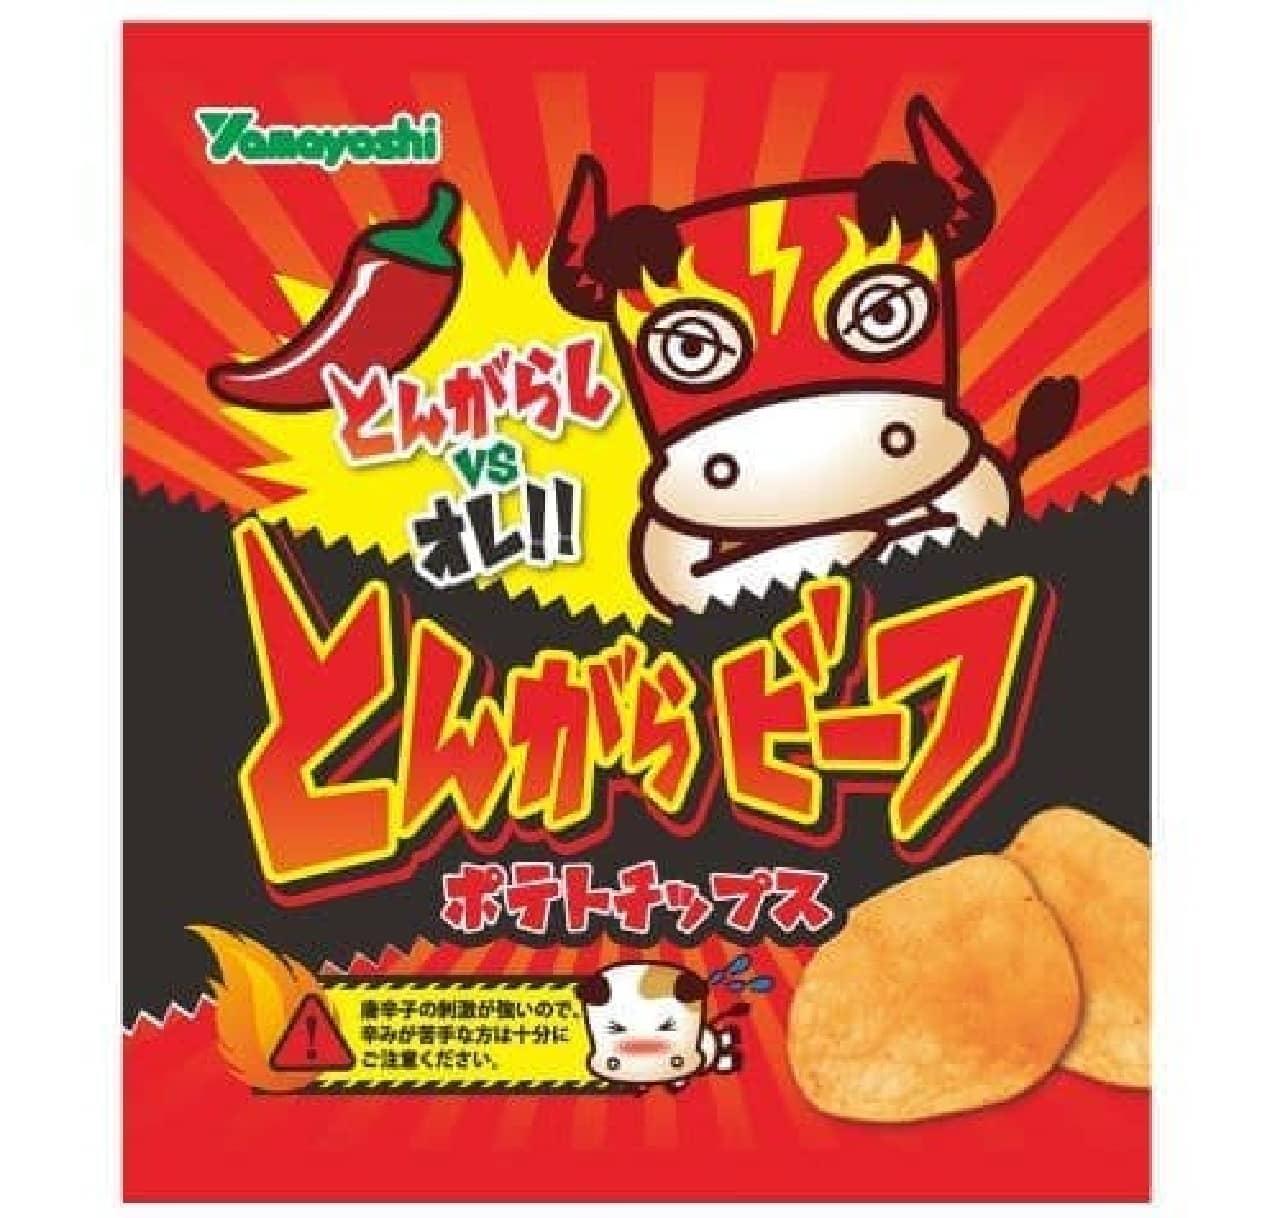 10月25日に再販される「ポテトチップス とんがらビーフ」